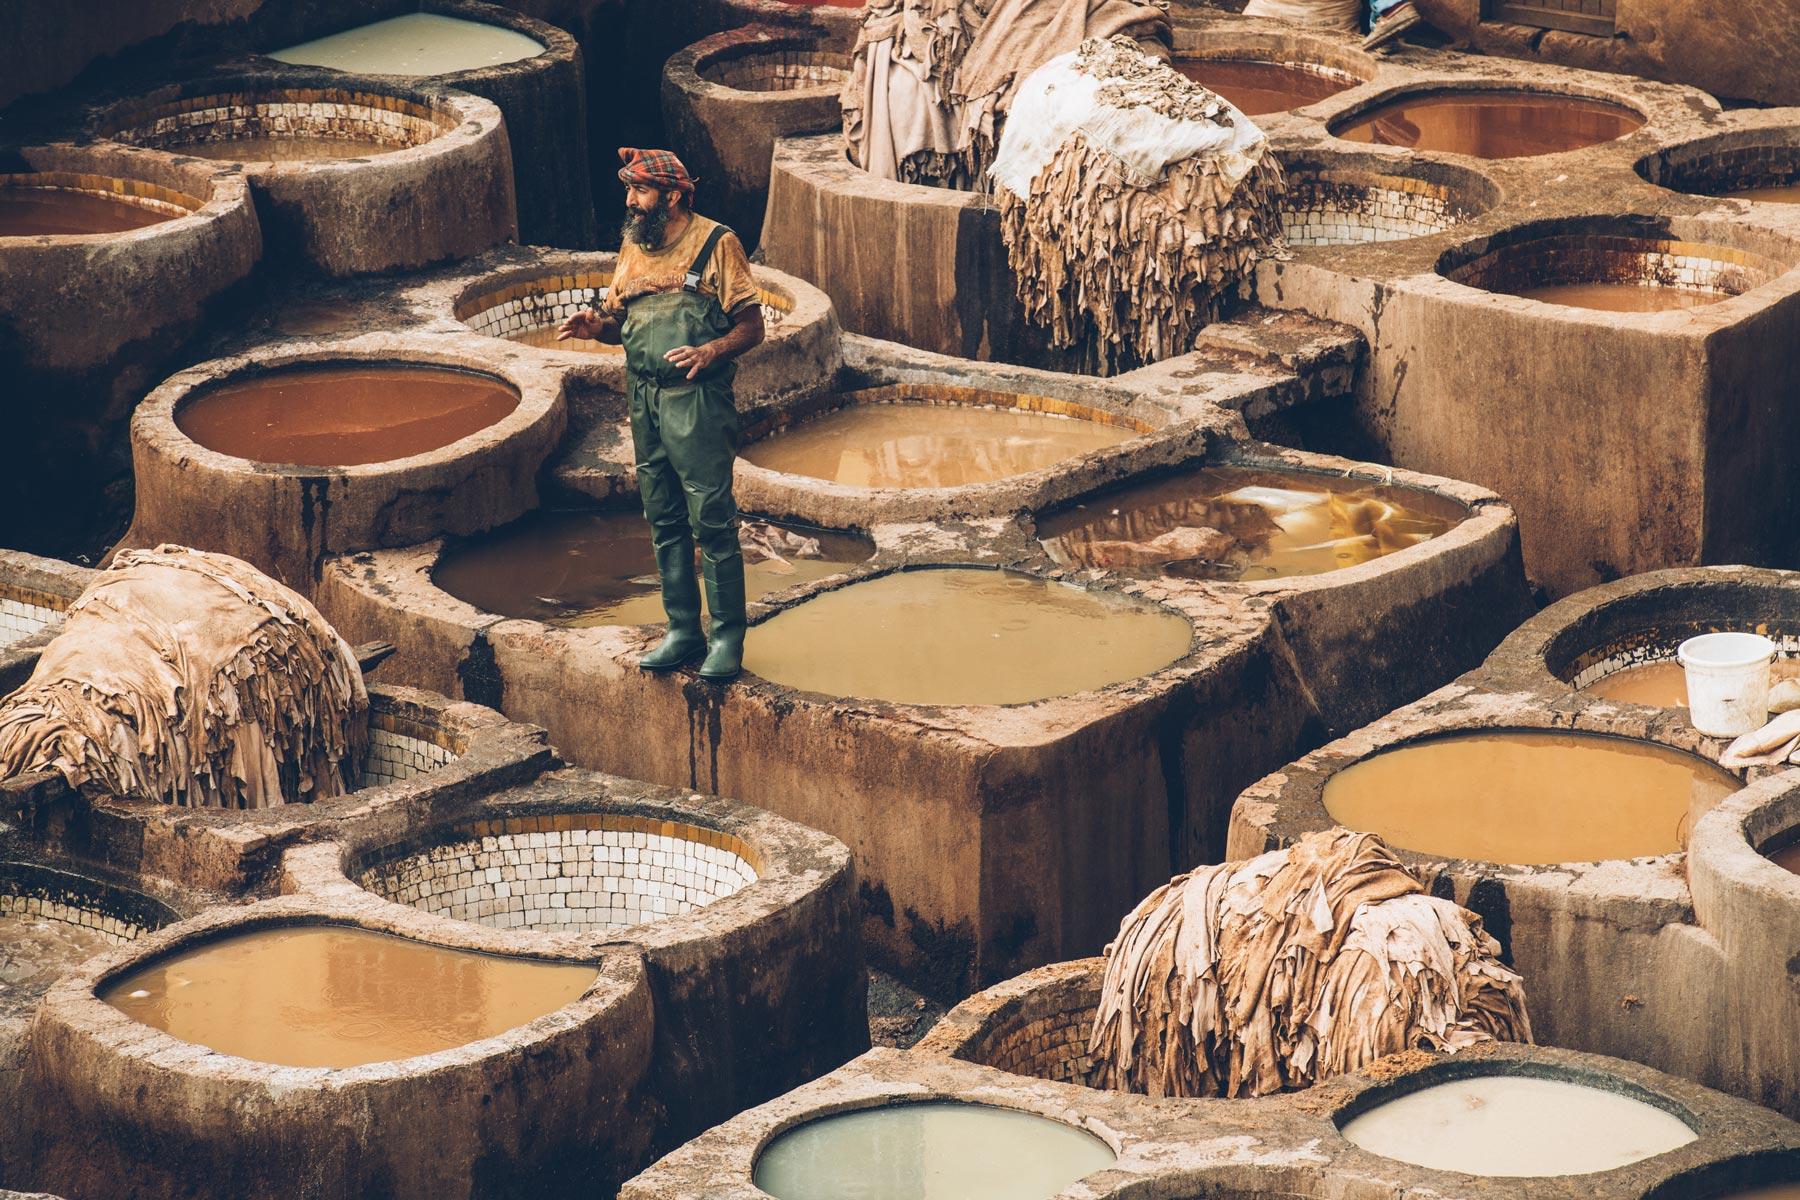 Les Tanneries de Fès, Maroc